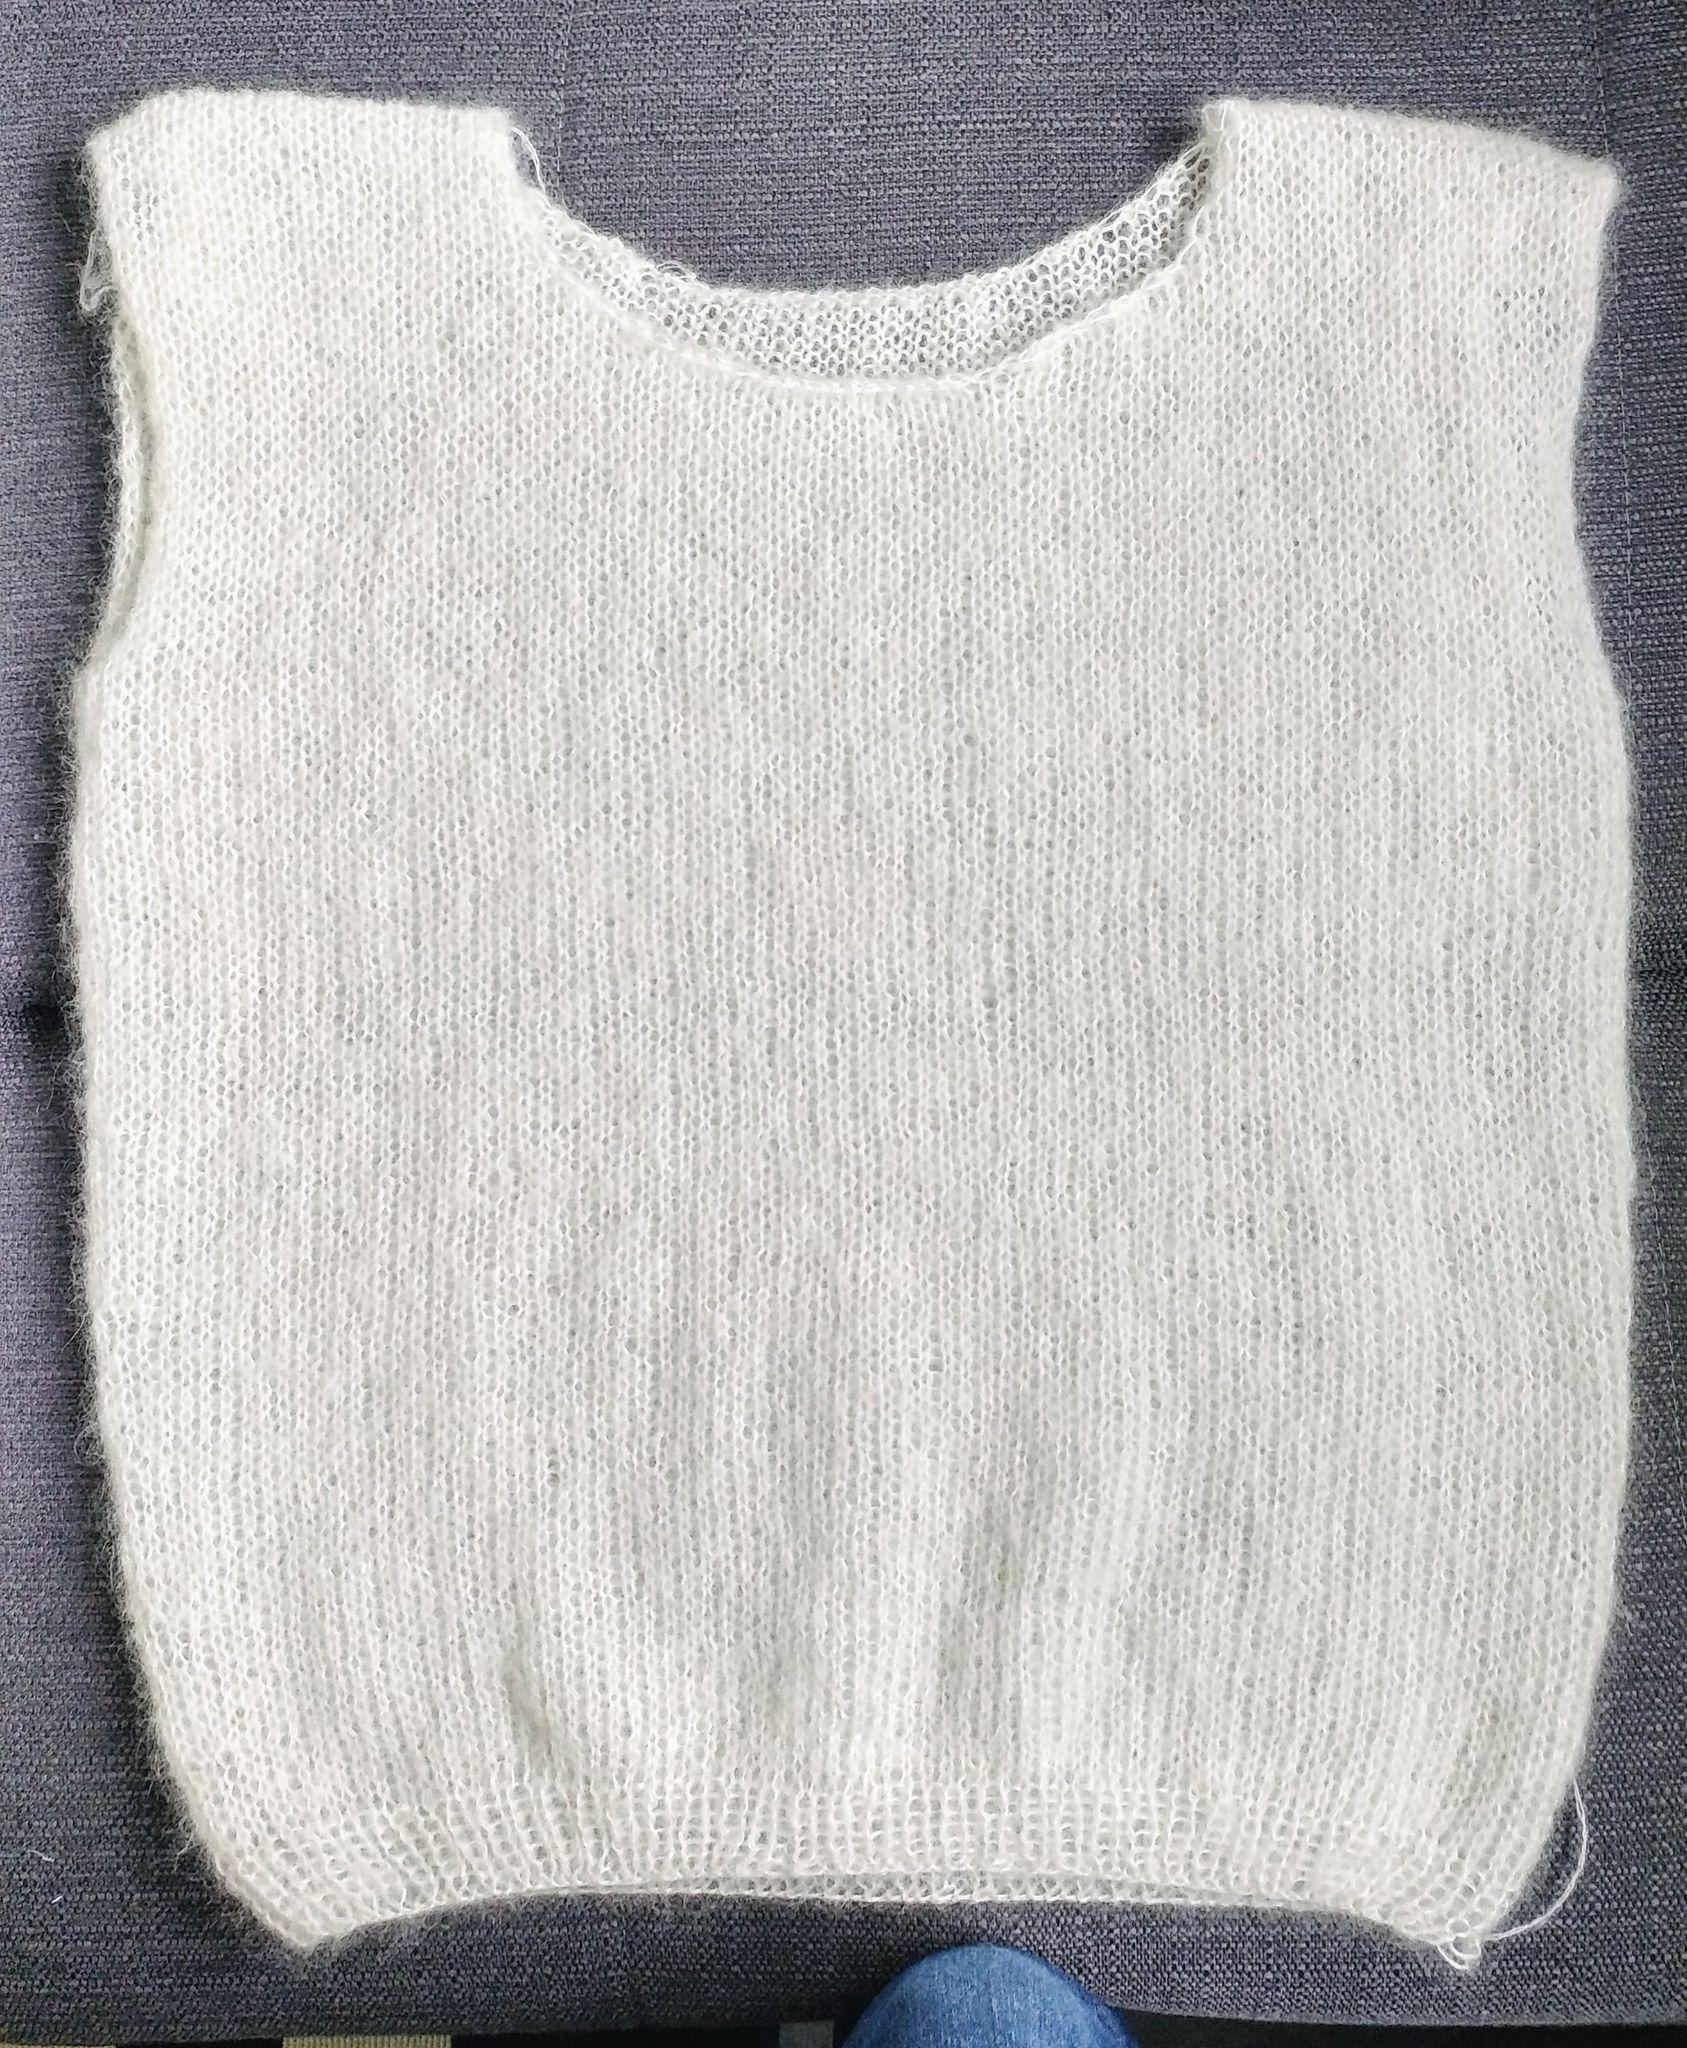 Finir de tricoter un pull après l'hiver - Dans la bulle de MissLilou | Tricot pull, Tricot et ...